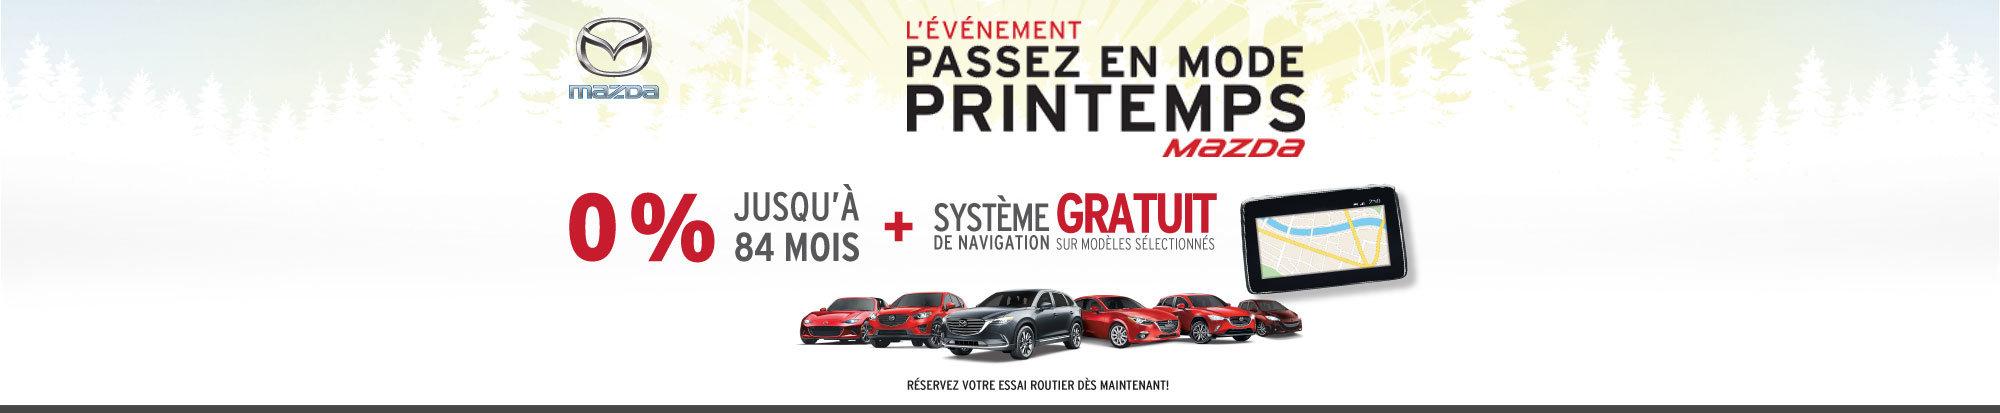 Passez en mode printemps avec Mazda!